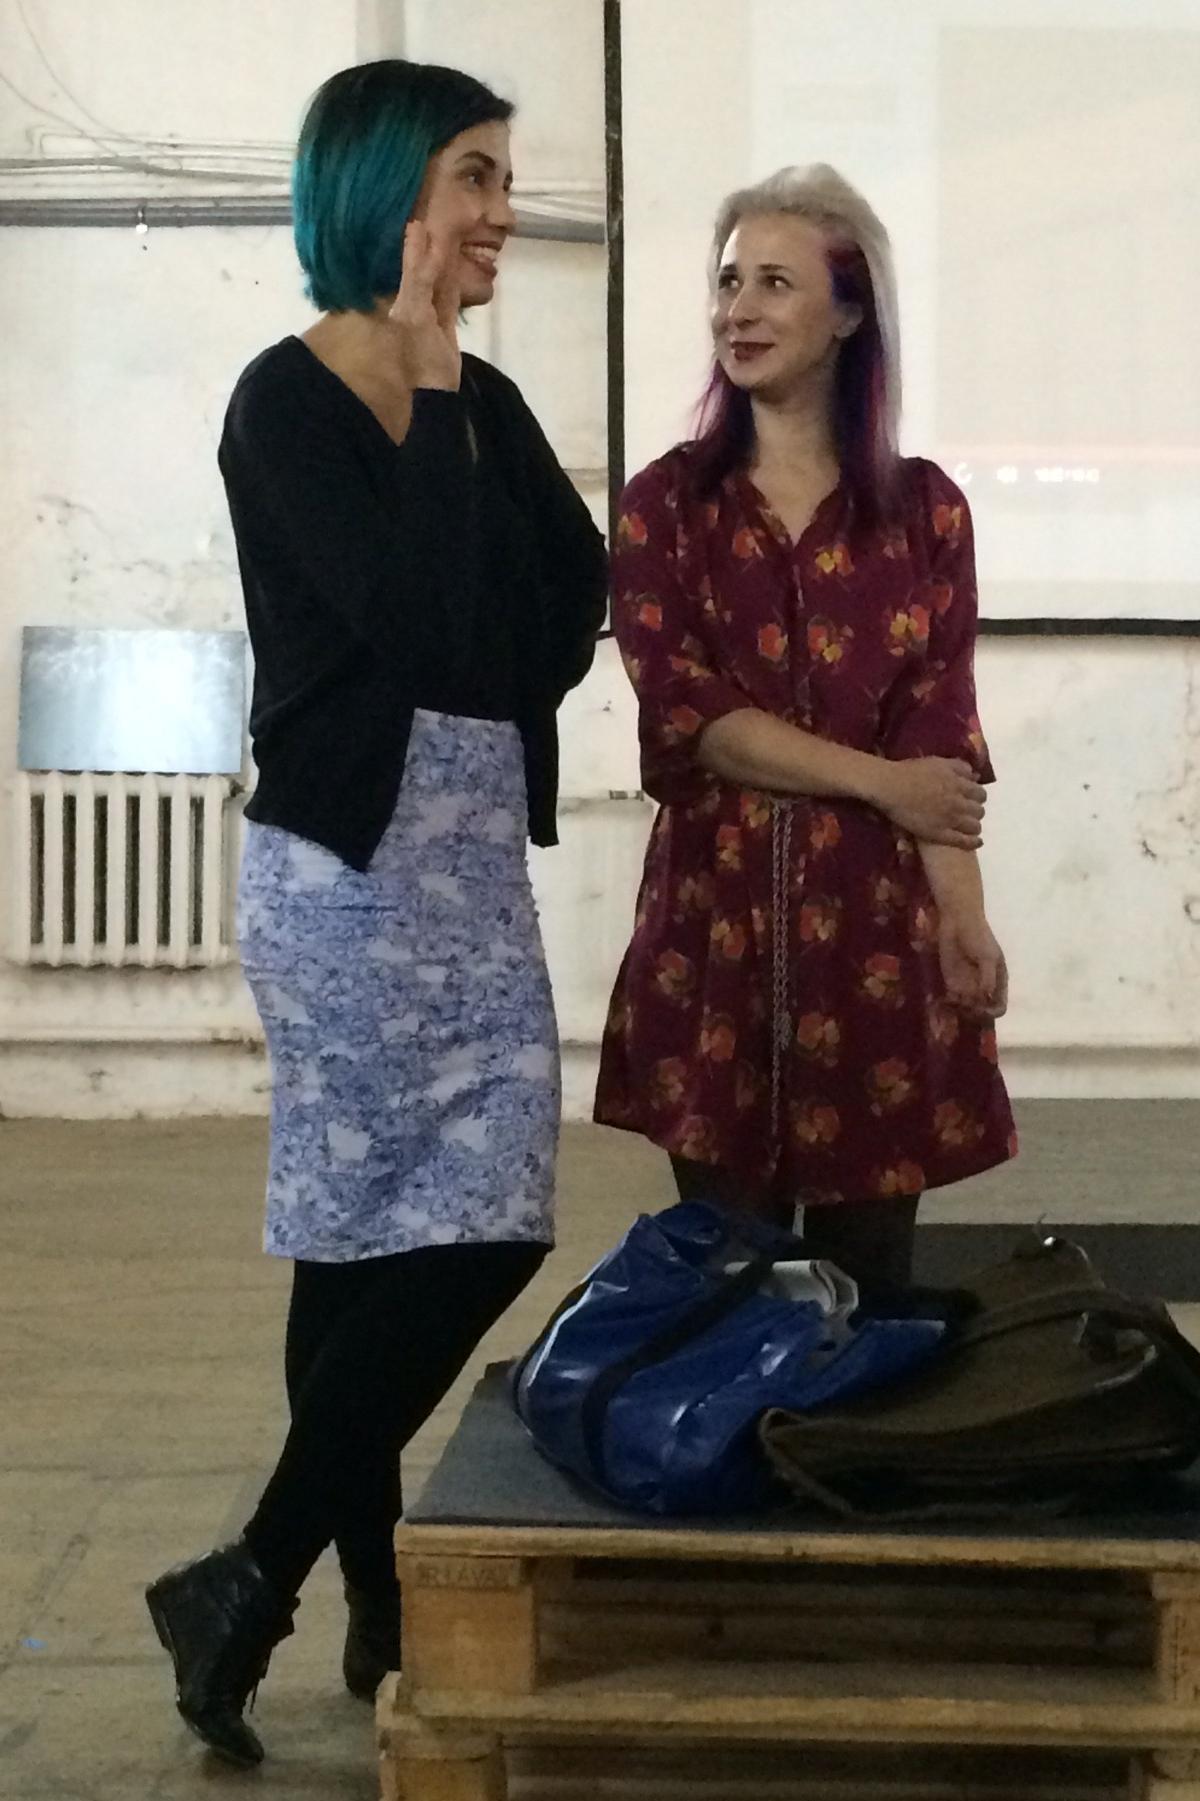 Nadya Tolokonnikova and Masha Alyokhina - Pussy Riot